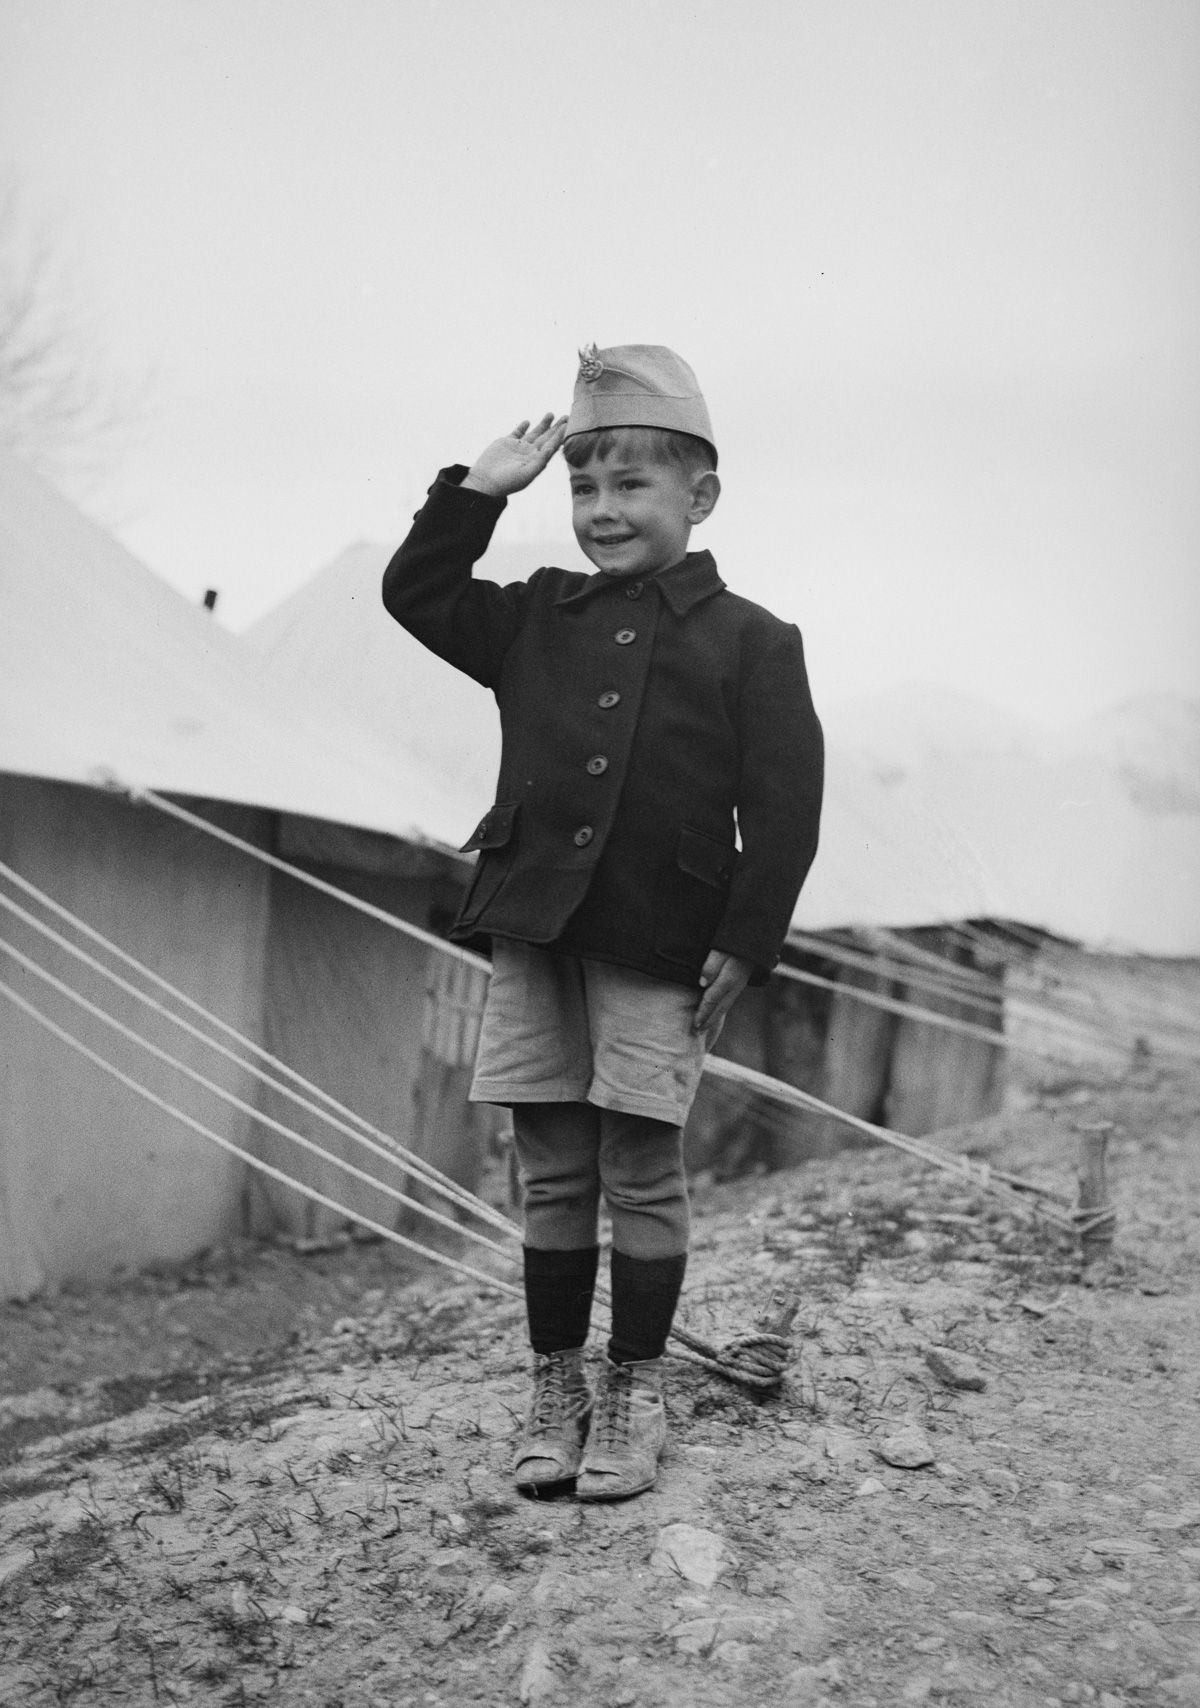 Na Segunda Guerra Mundial, refugiados poloneses encontraram seguran�a no Ir� 19